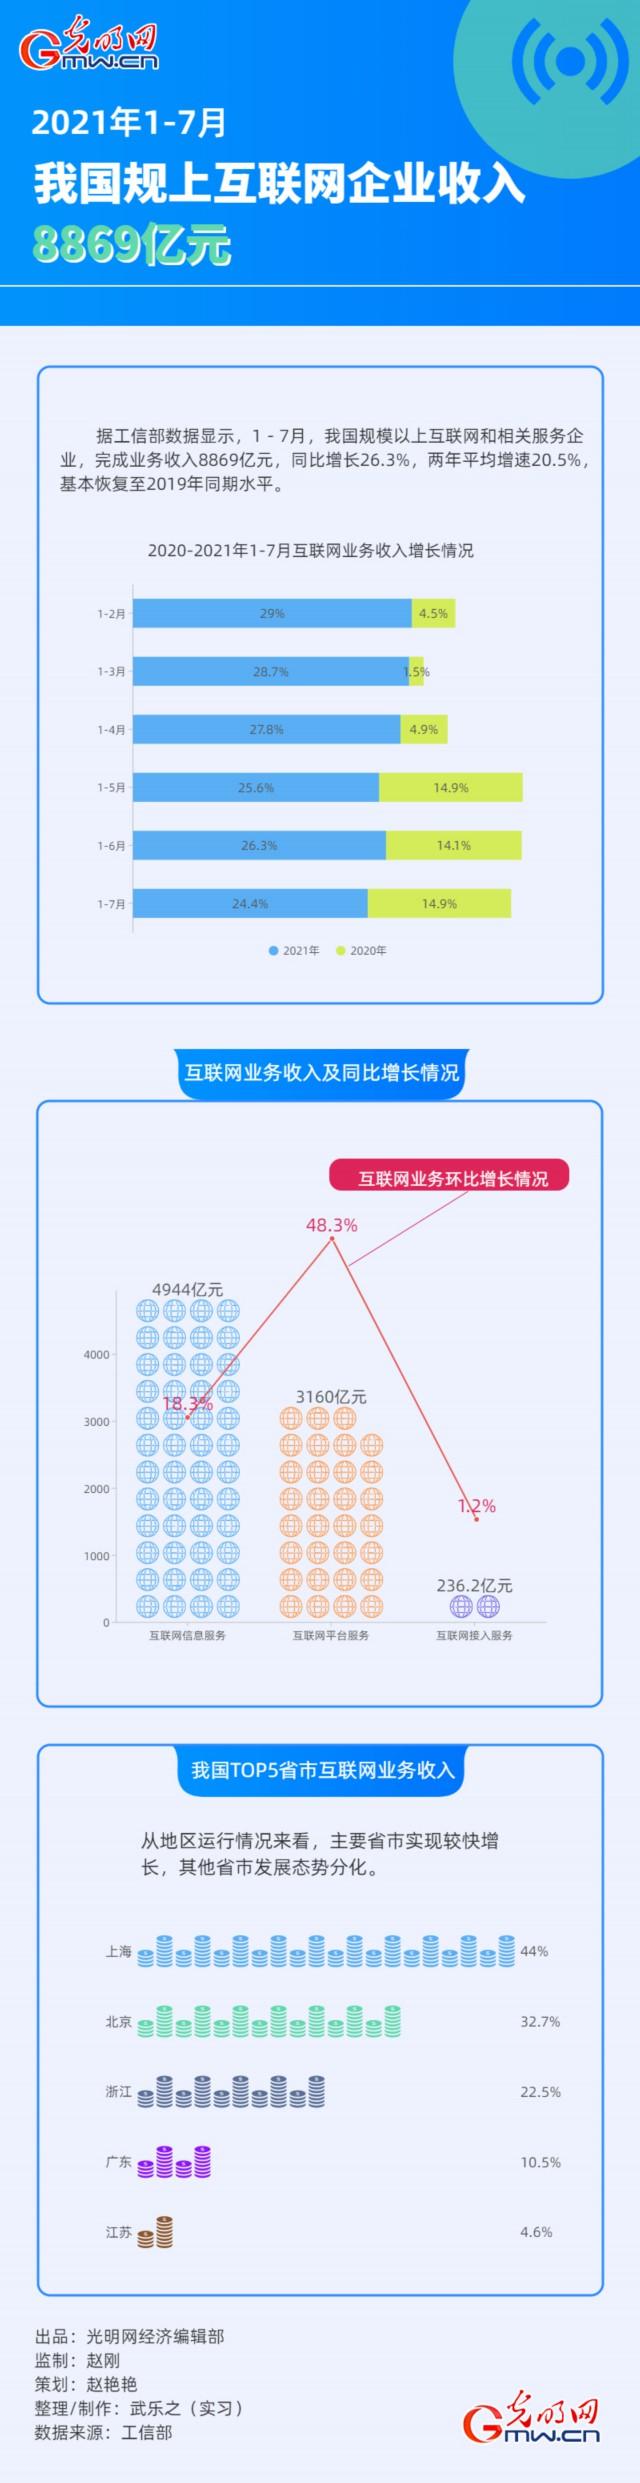 数据图解丨1-7月我国规上互联网企业收入8869亿元